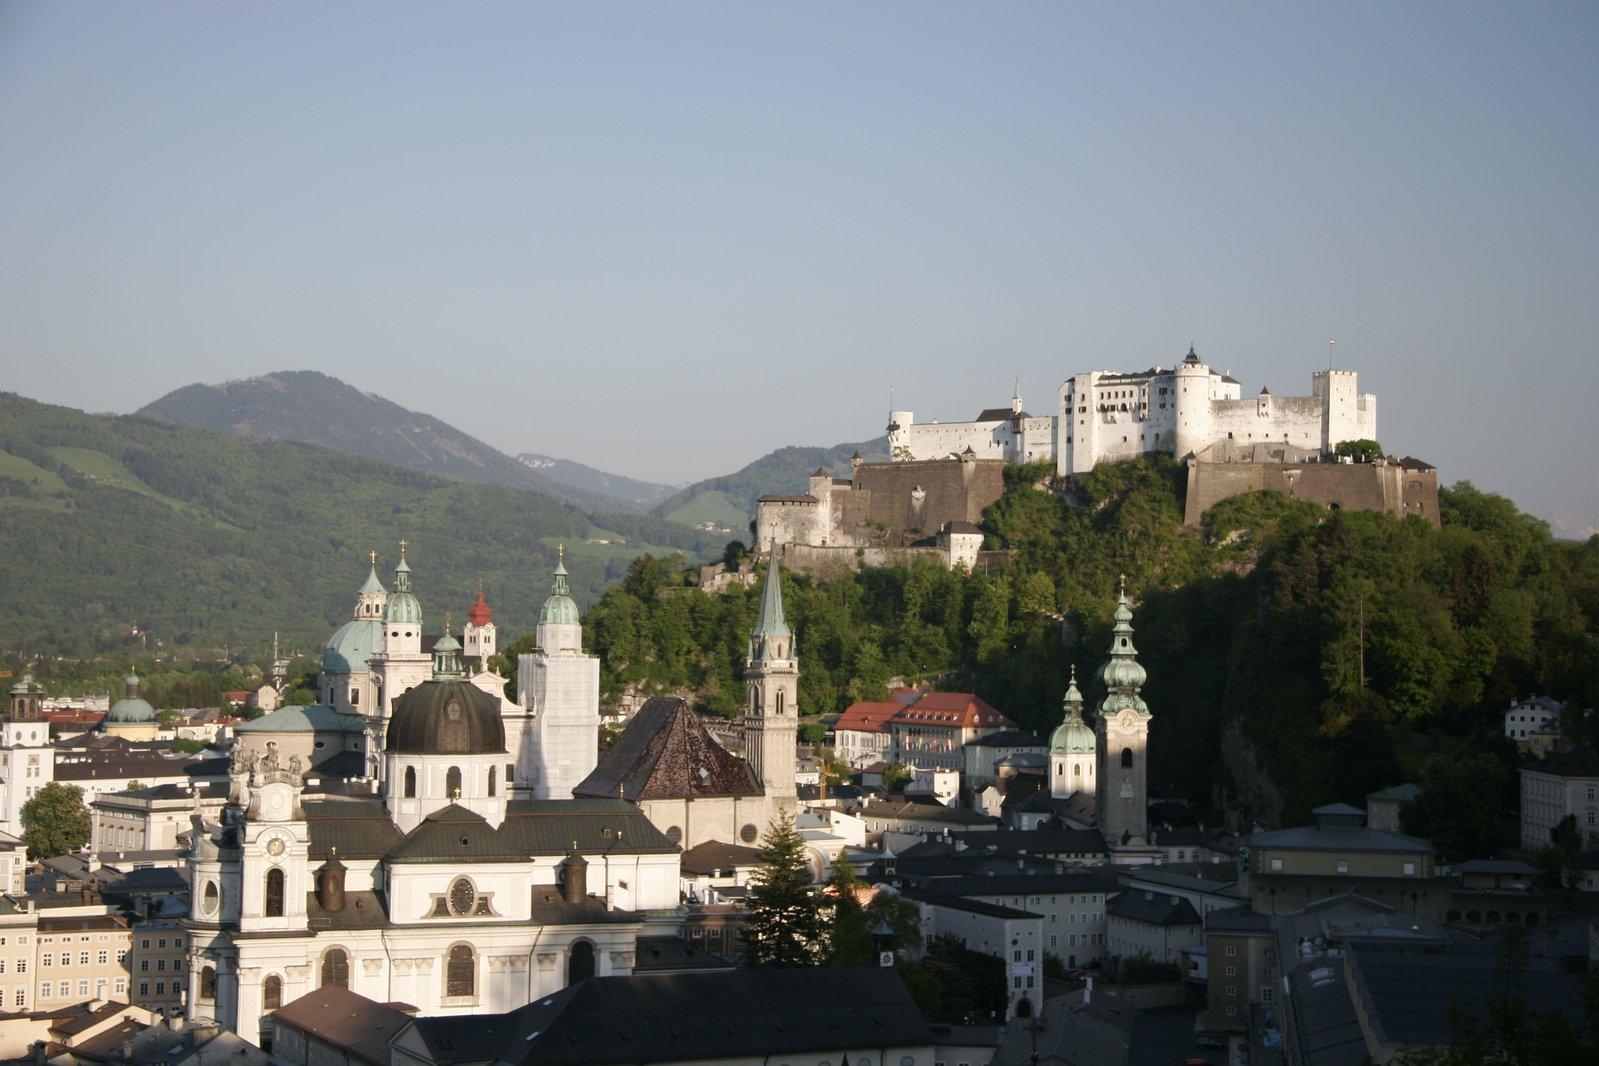 Започват Дните на австрийската култура и изкуство в Бургас